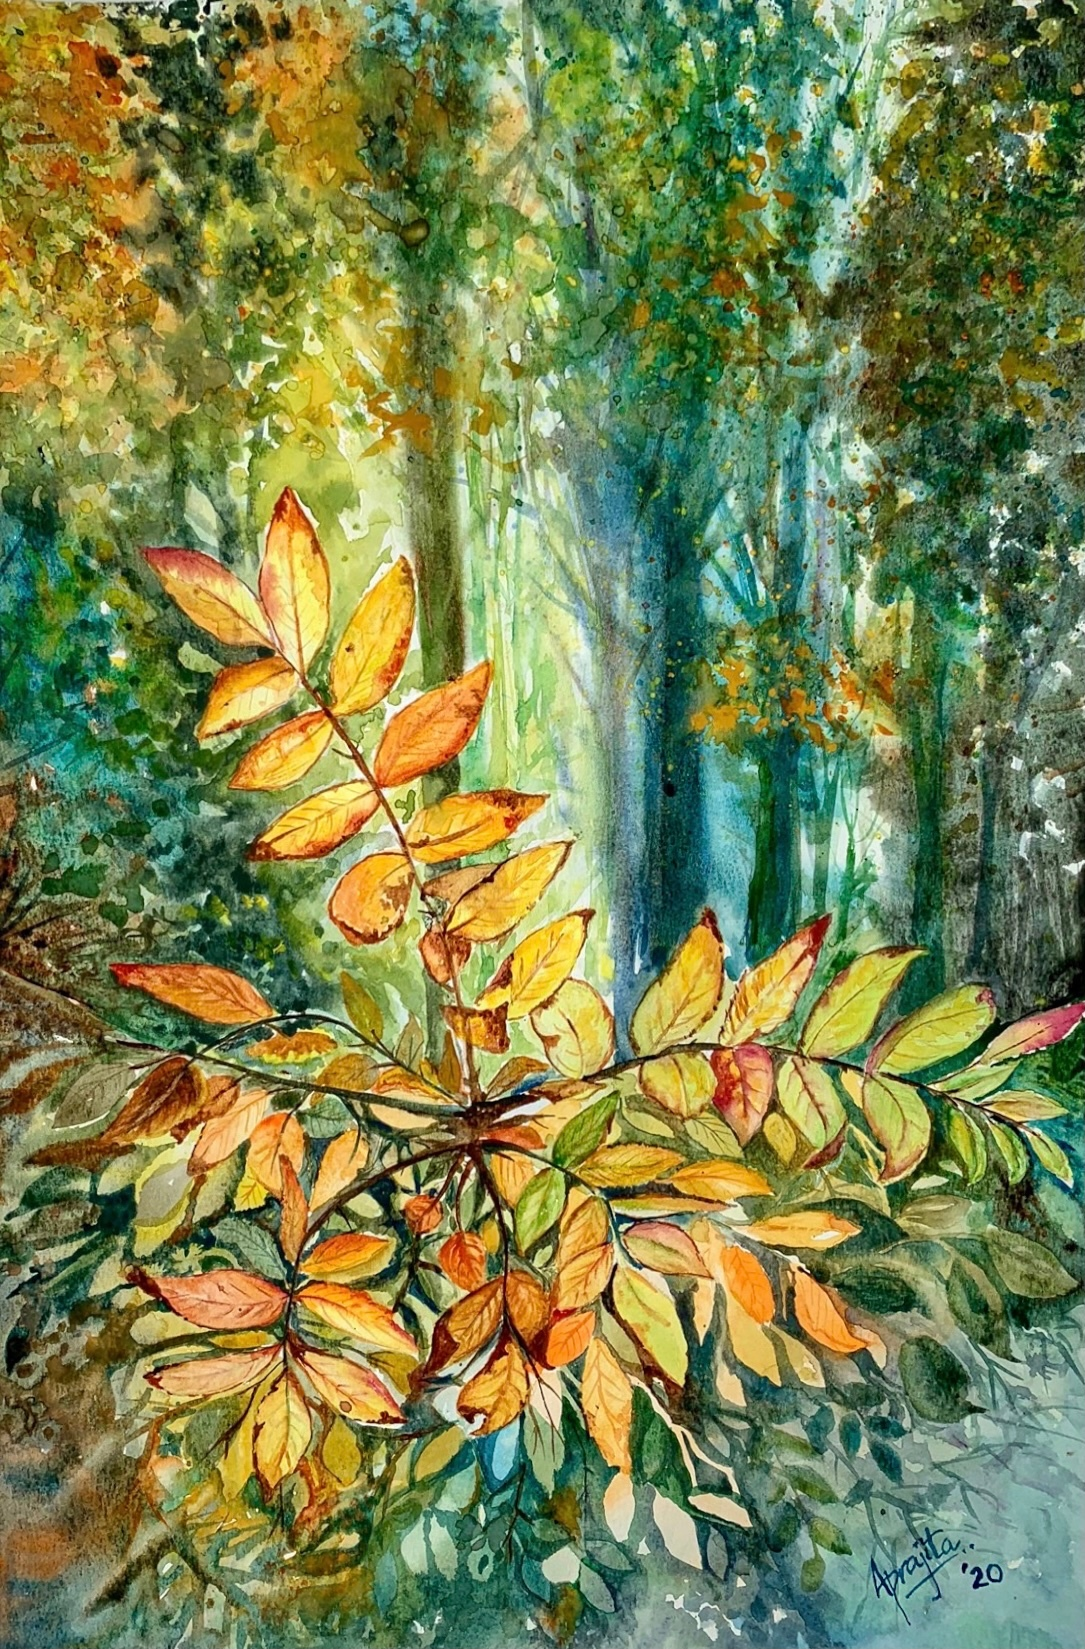 Golden leaves sshjhy